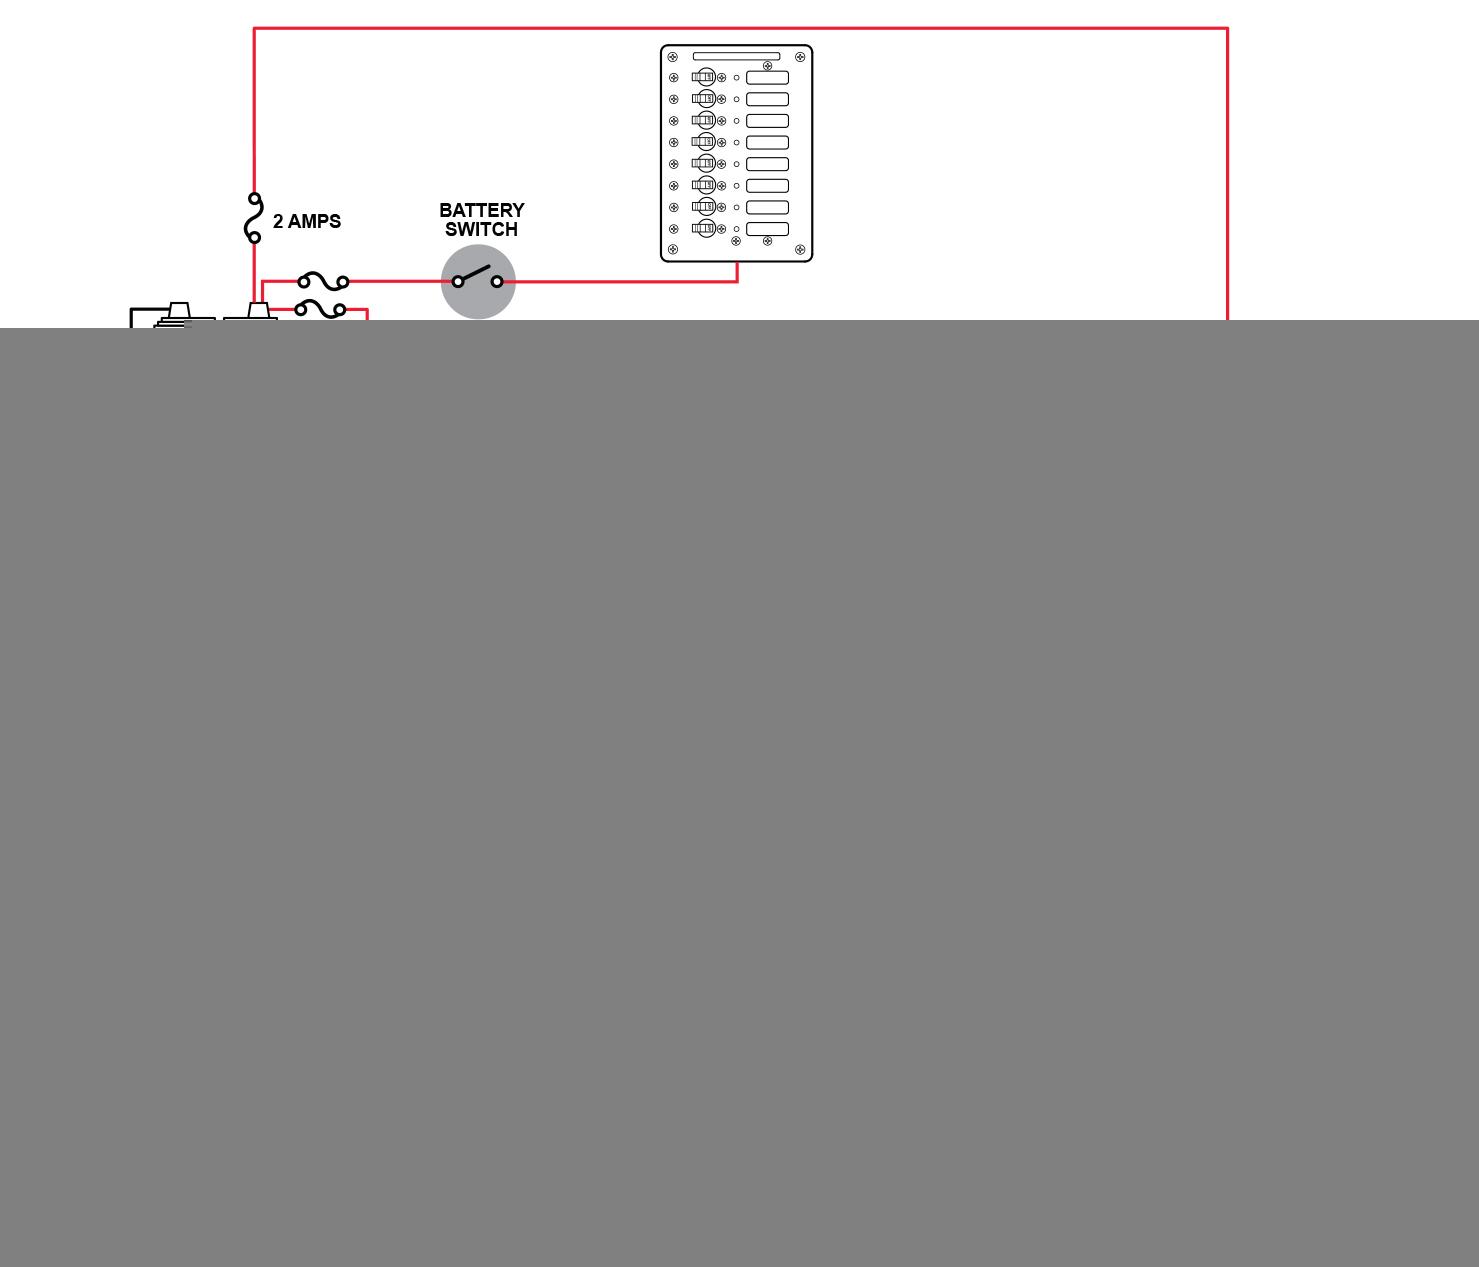 Amusing Switch Panel Wiring Diagram Lucas Wiper Motor Starter - Starter Wiring Diagram